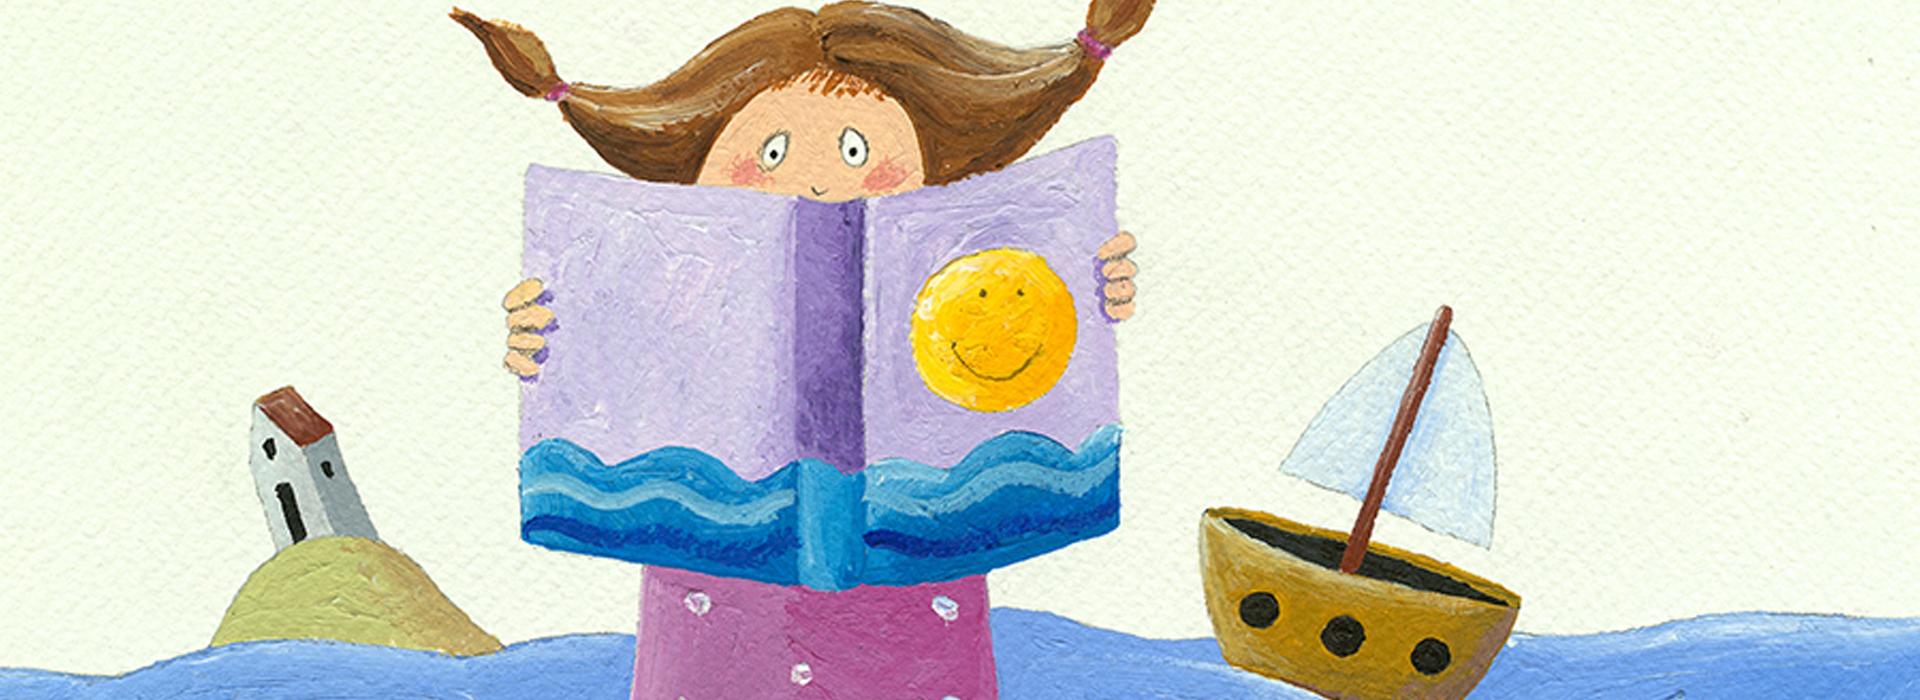 分齡適讀好書推薦:愈閱讀,愈專注